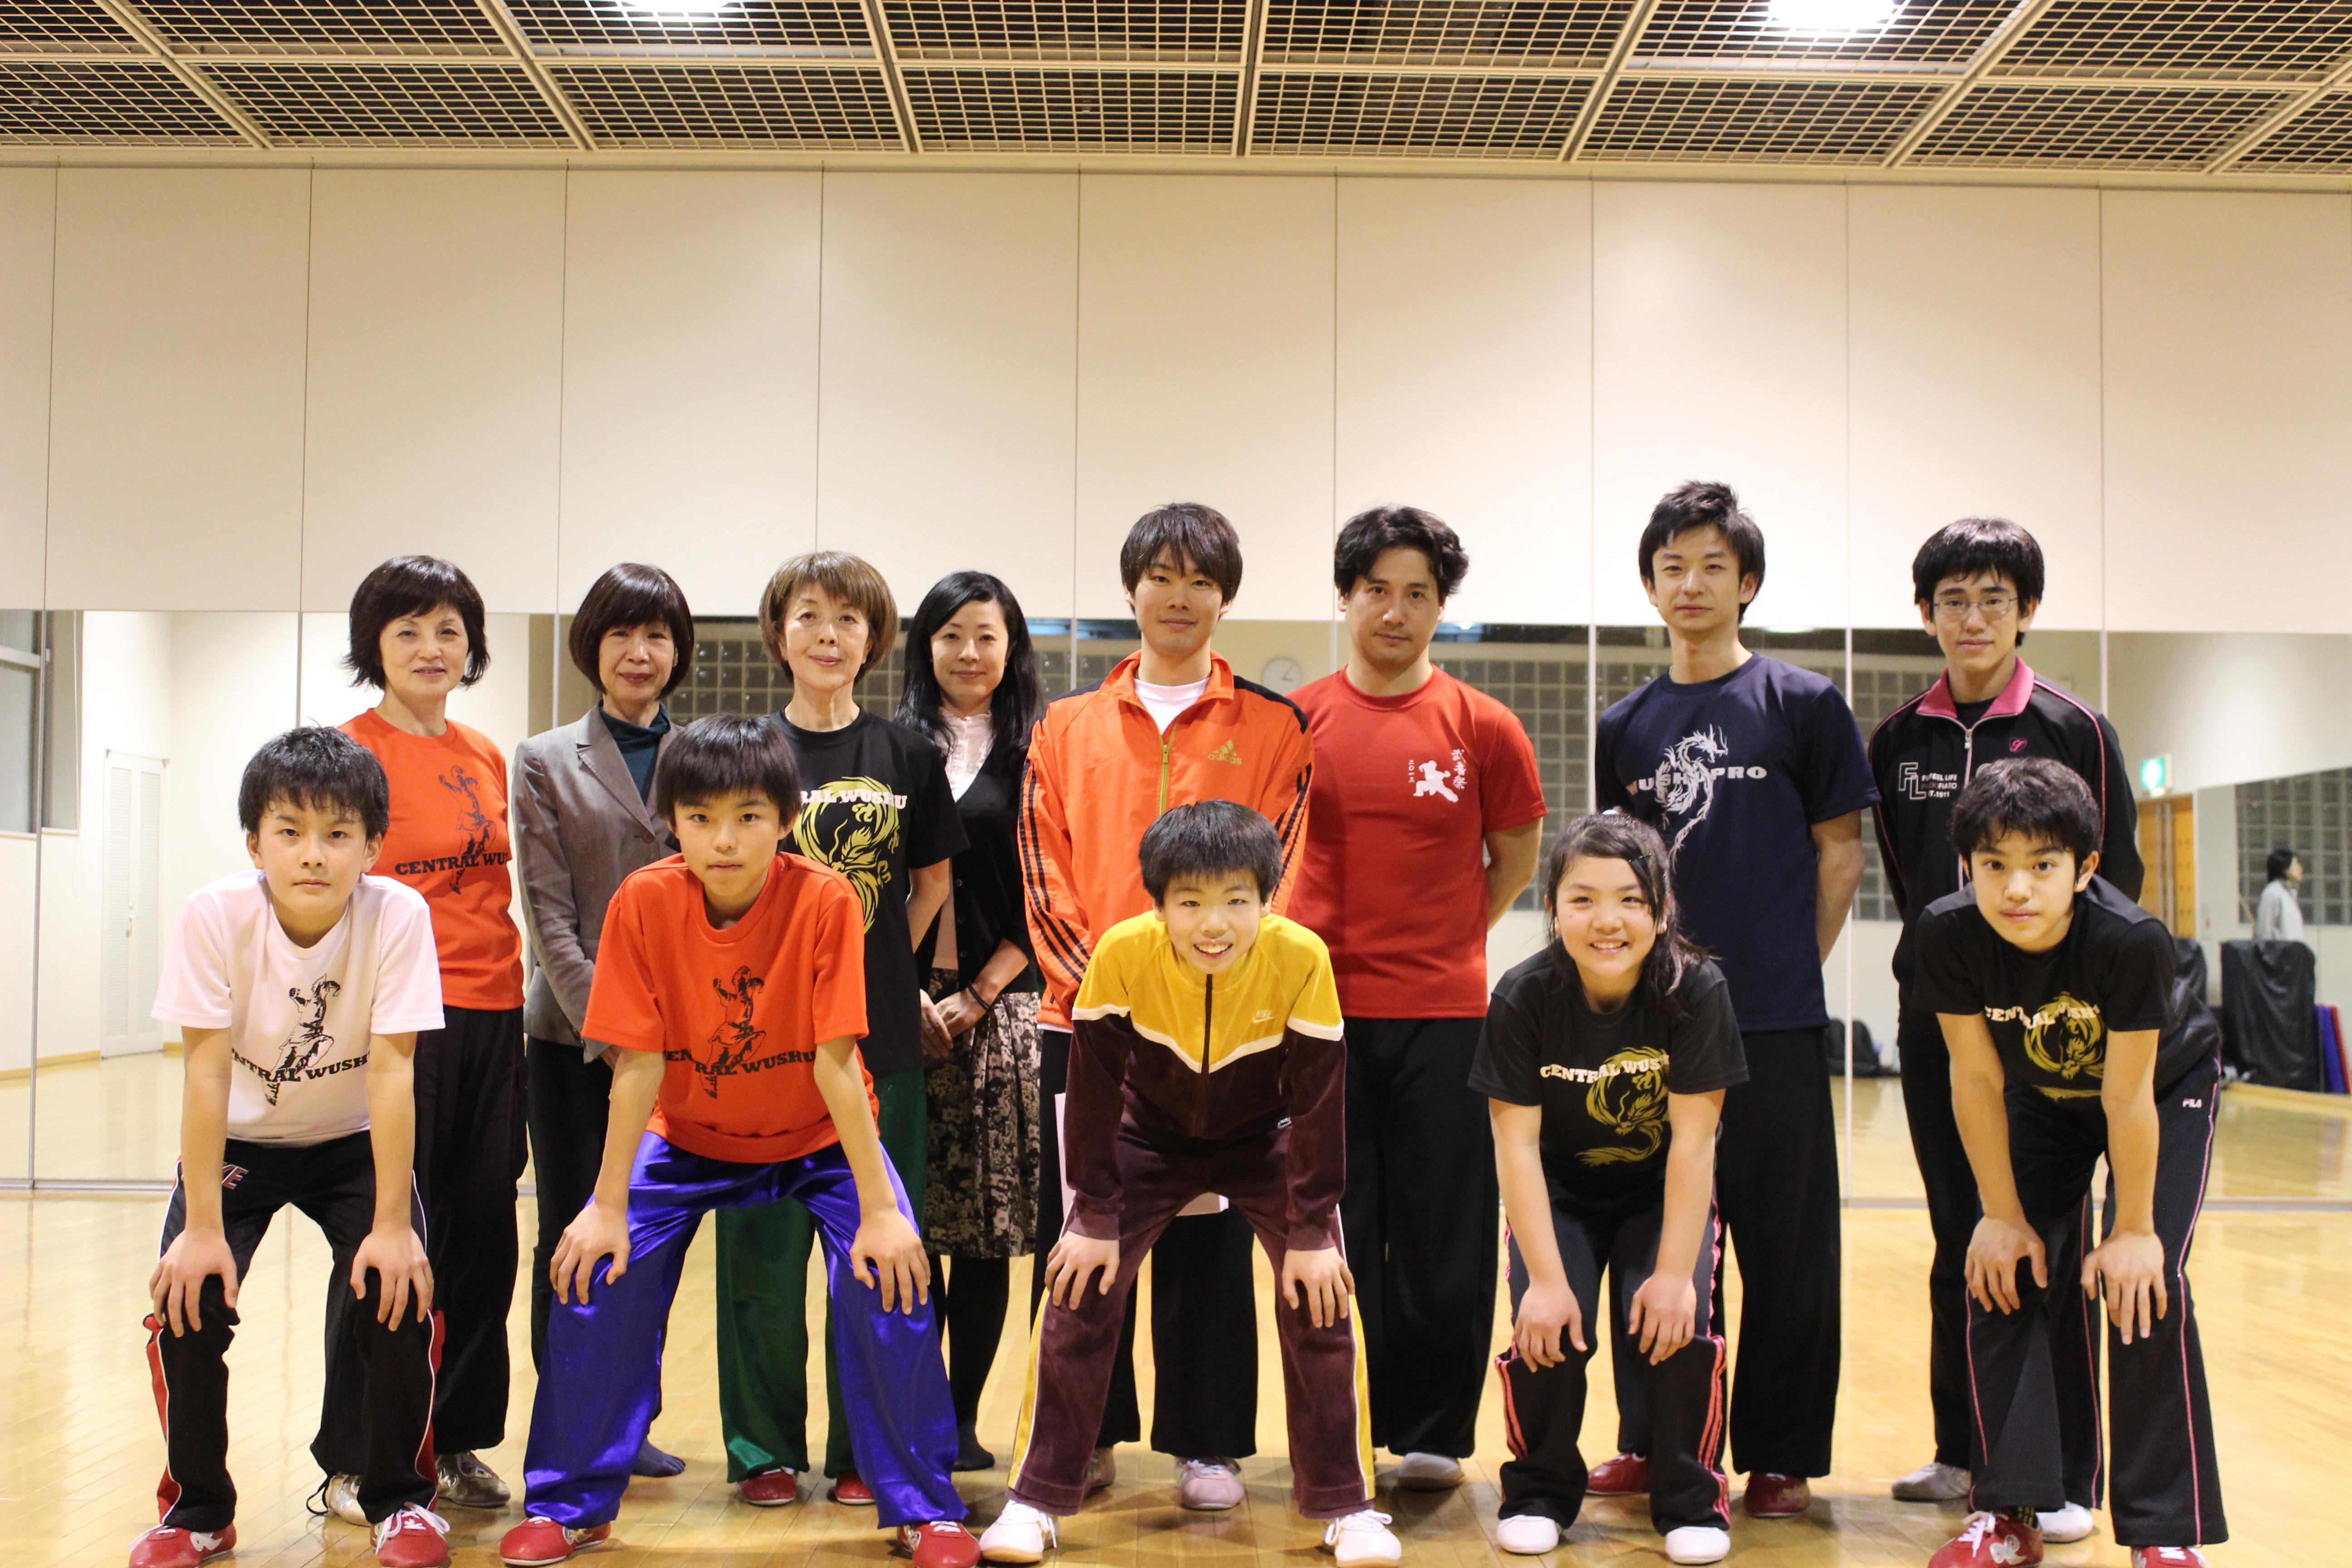 名古屋本部教室